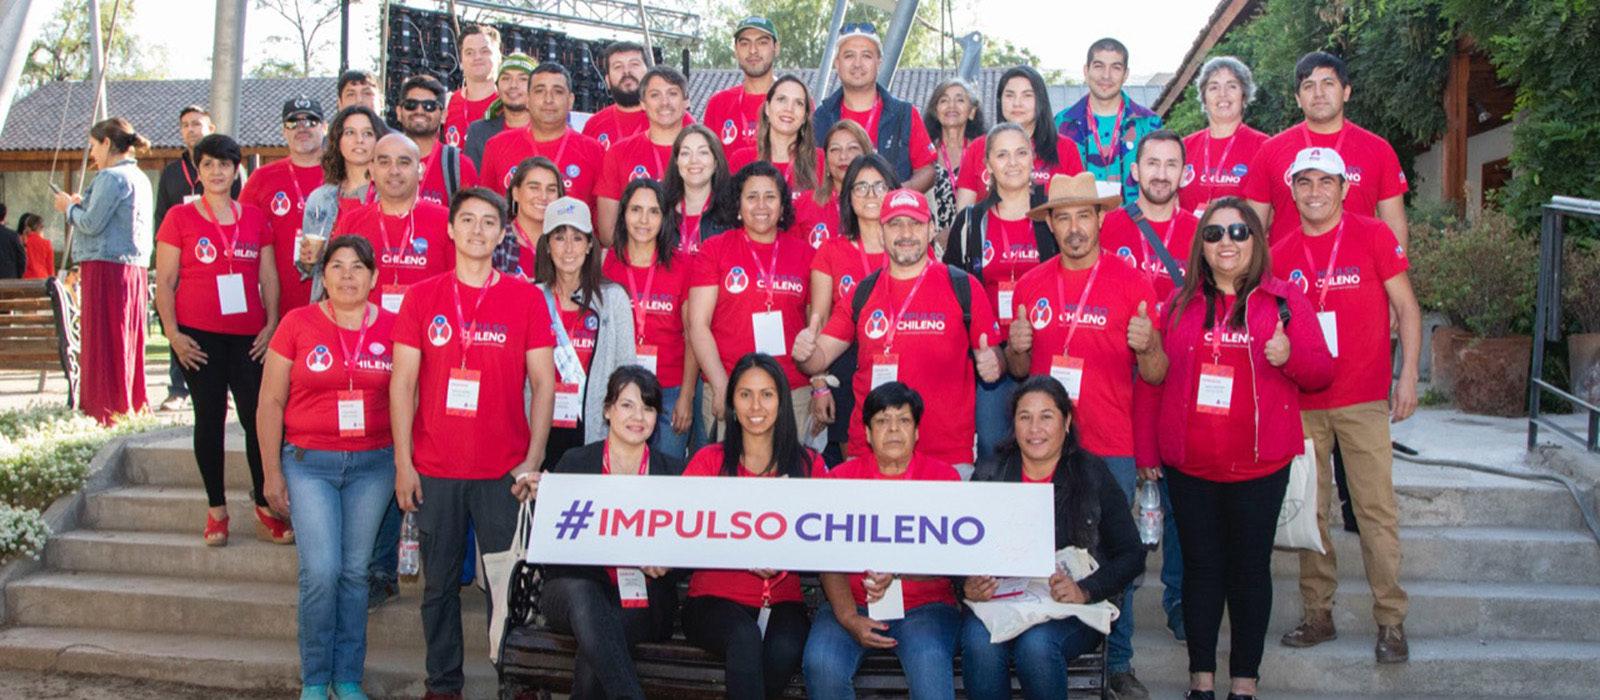 Más de 18 mil emprendedores de todo Chile postularon al concurso Impulso Chileno de Fundación Luksic